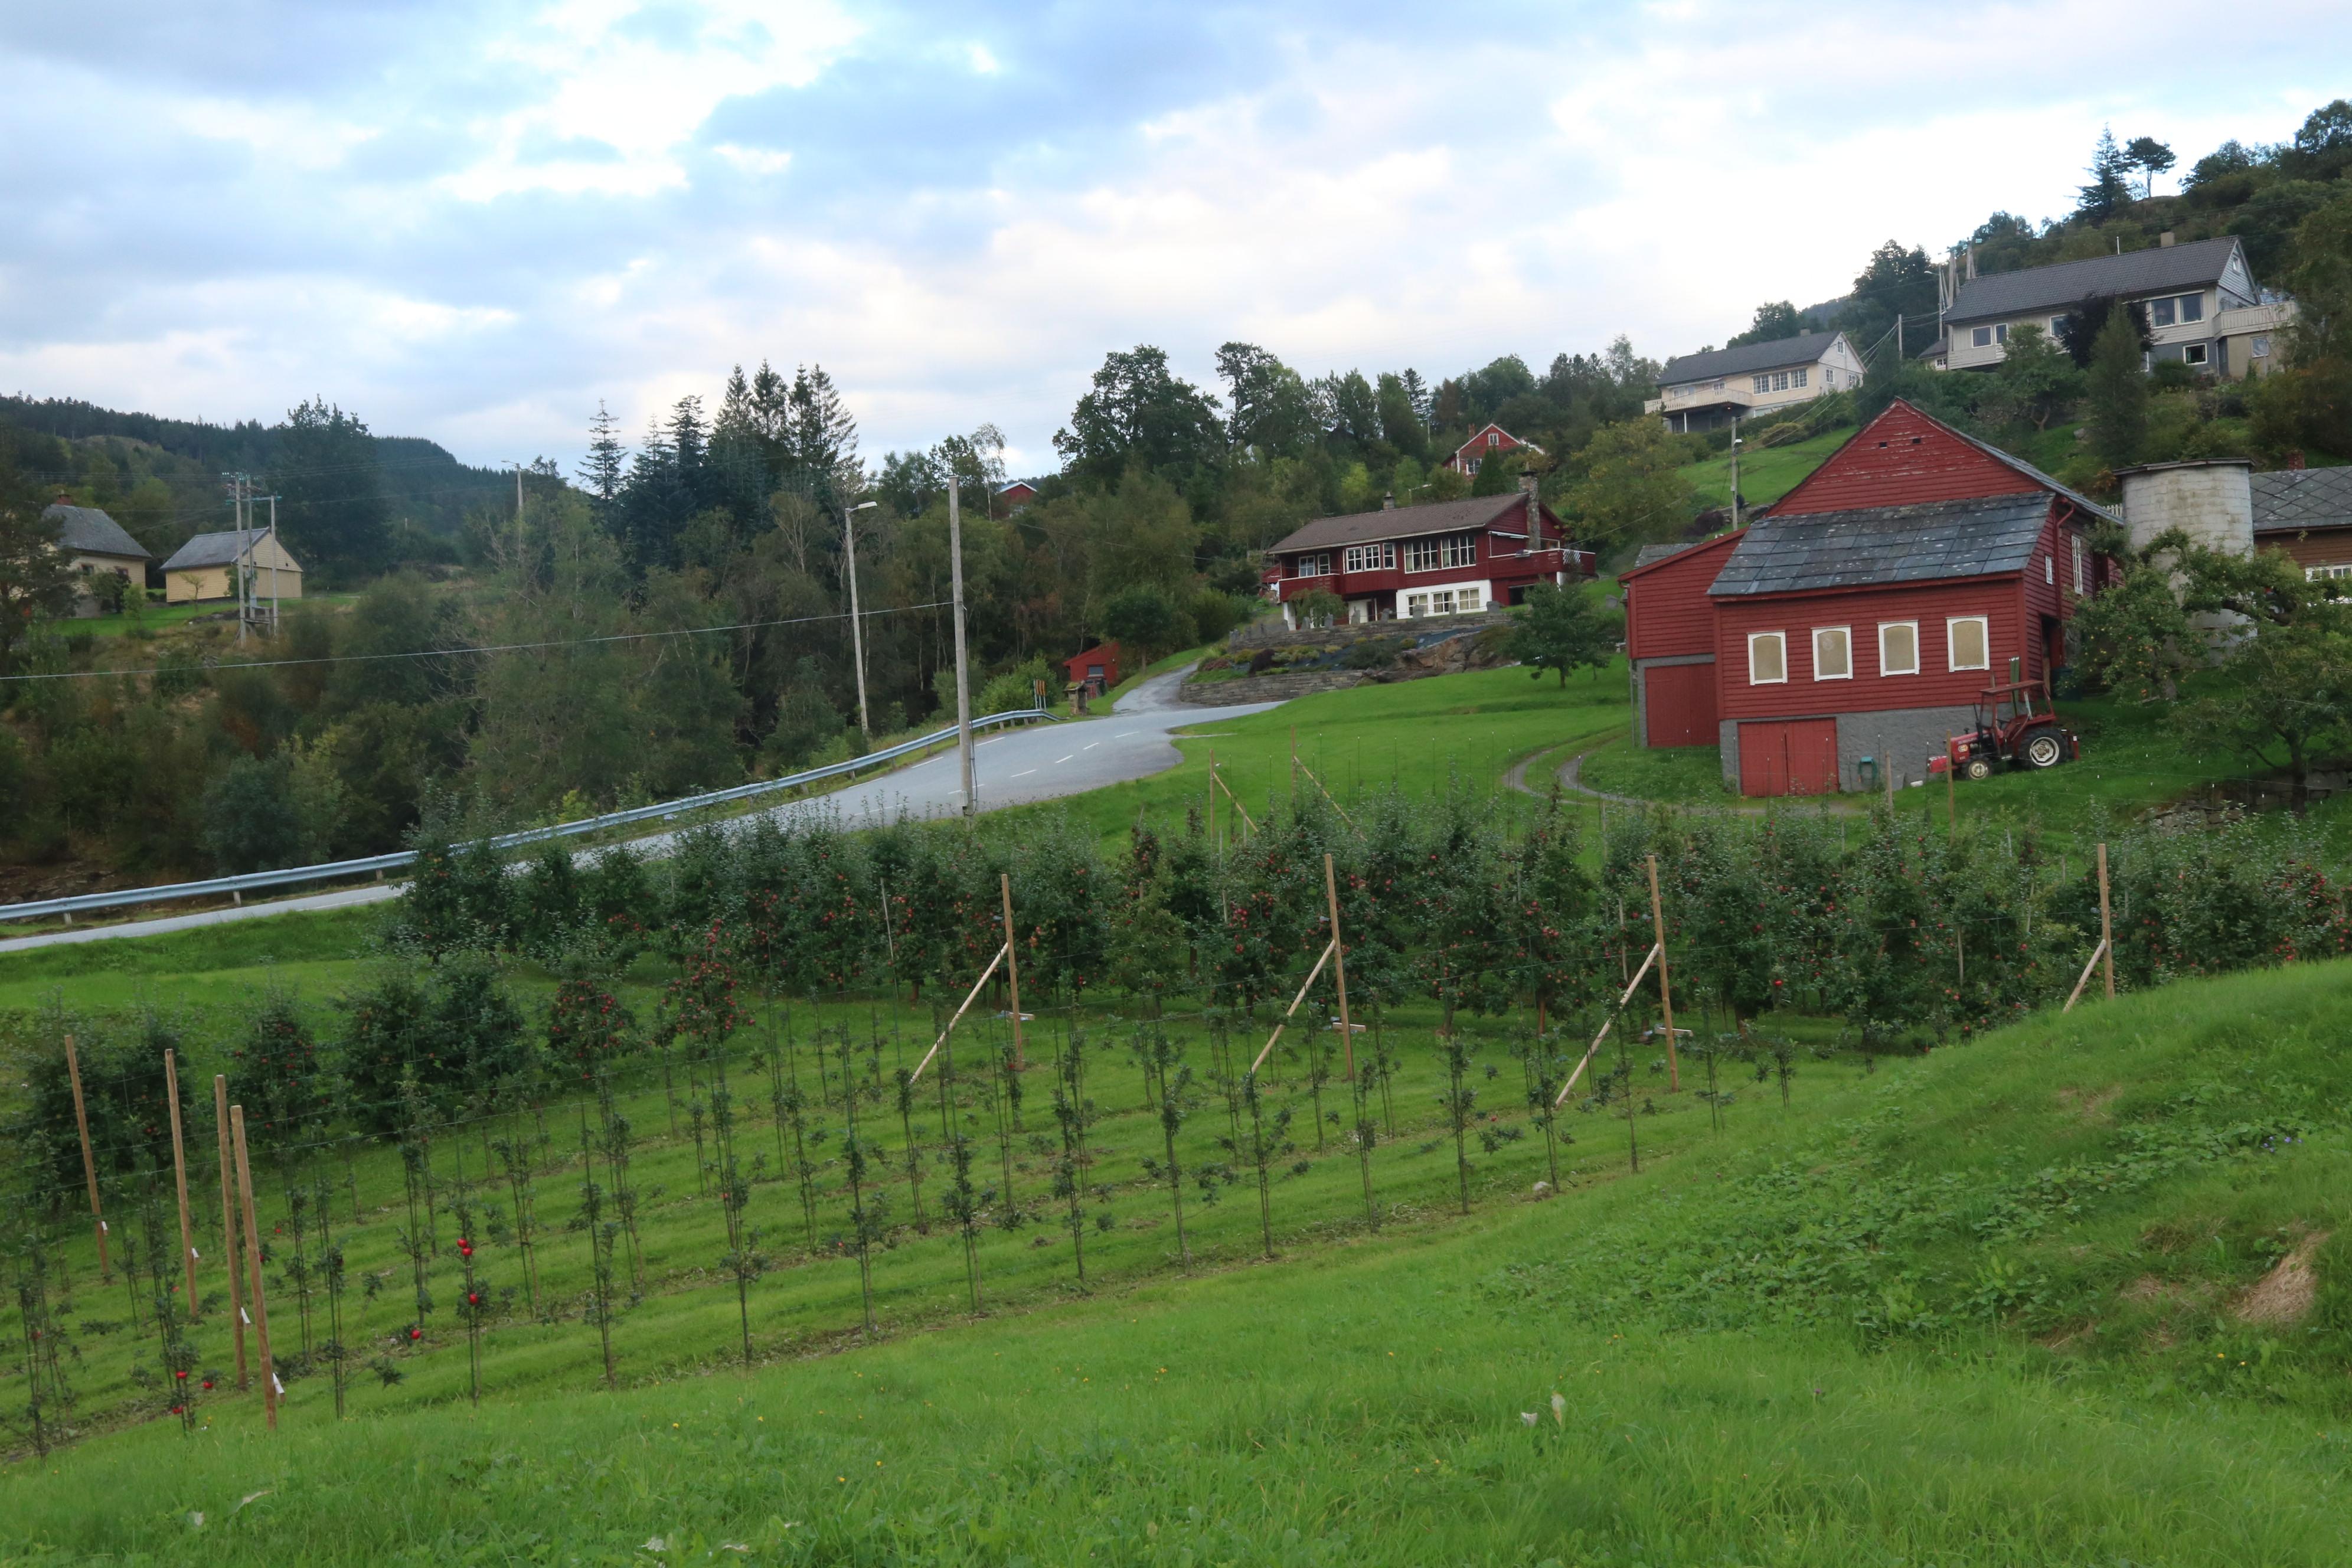 Aple farming